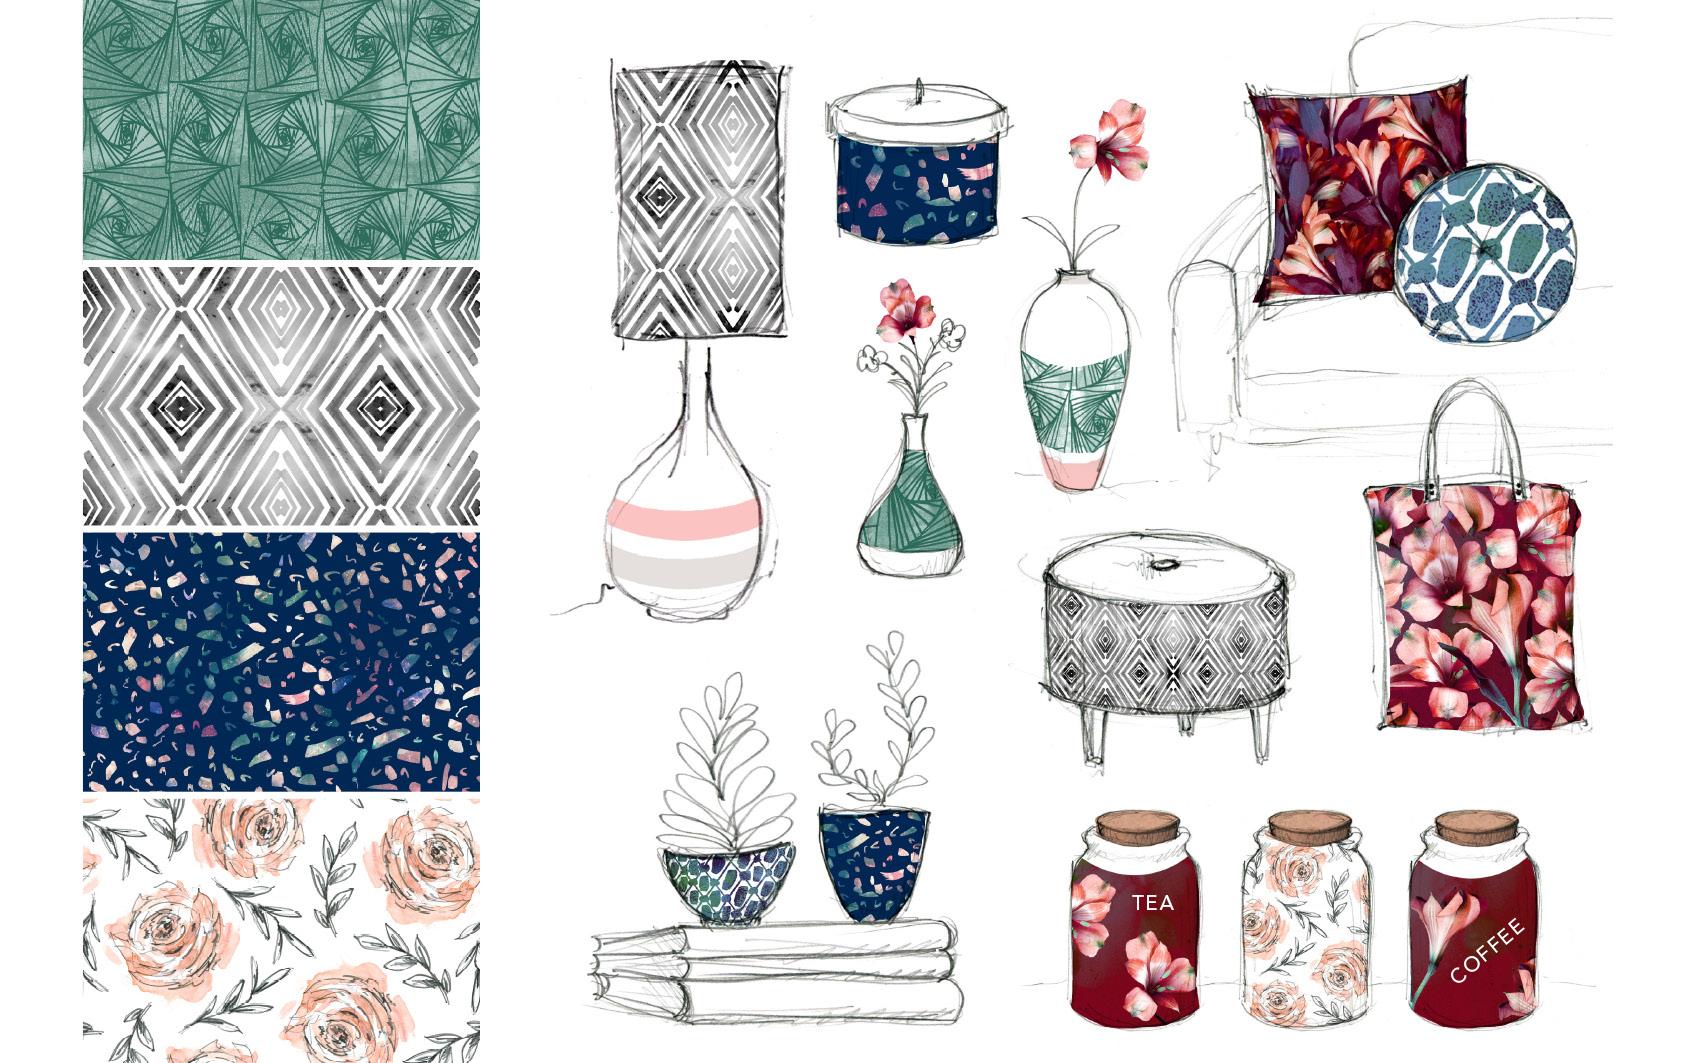 SusanneKasielke-collections-04.jpg